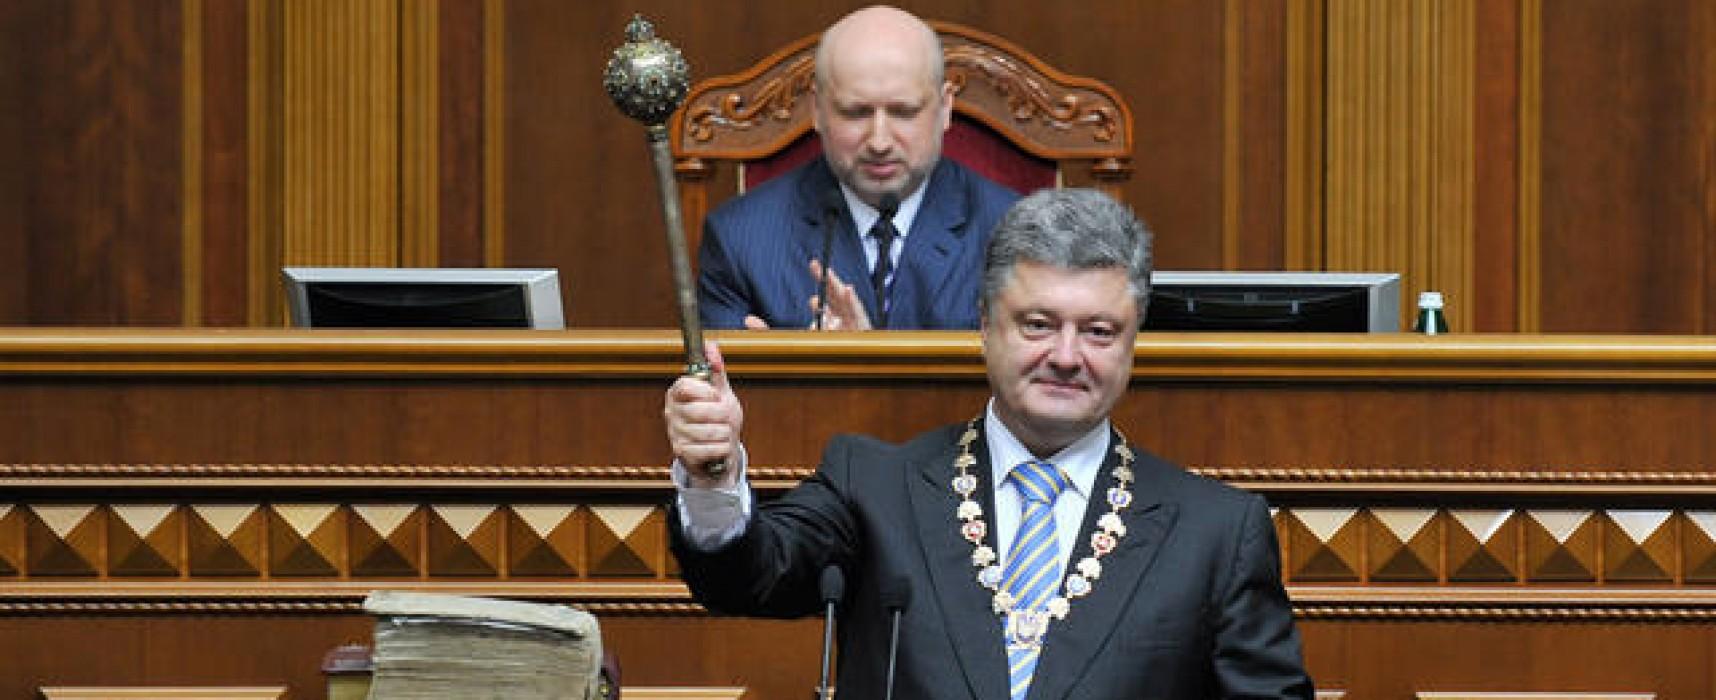 Дочерний проект МИА «Россия сегодня» рассказал о связи Порошенко с Люцифером